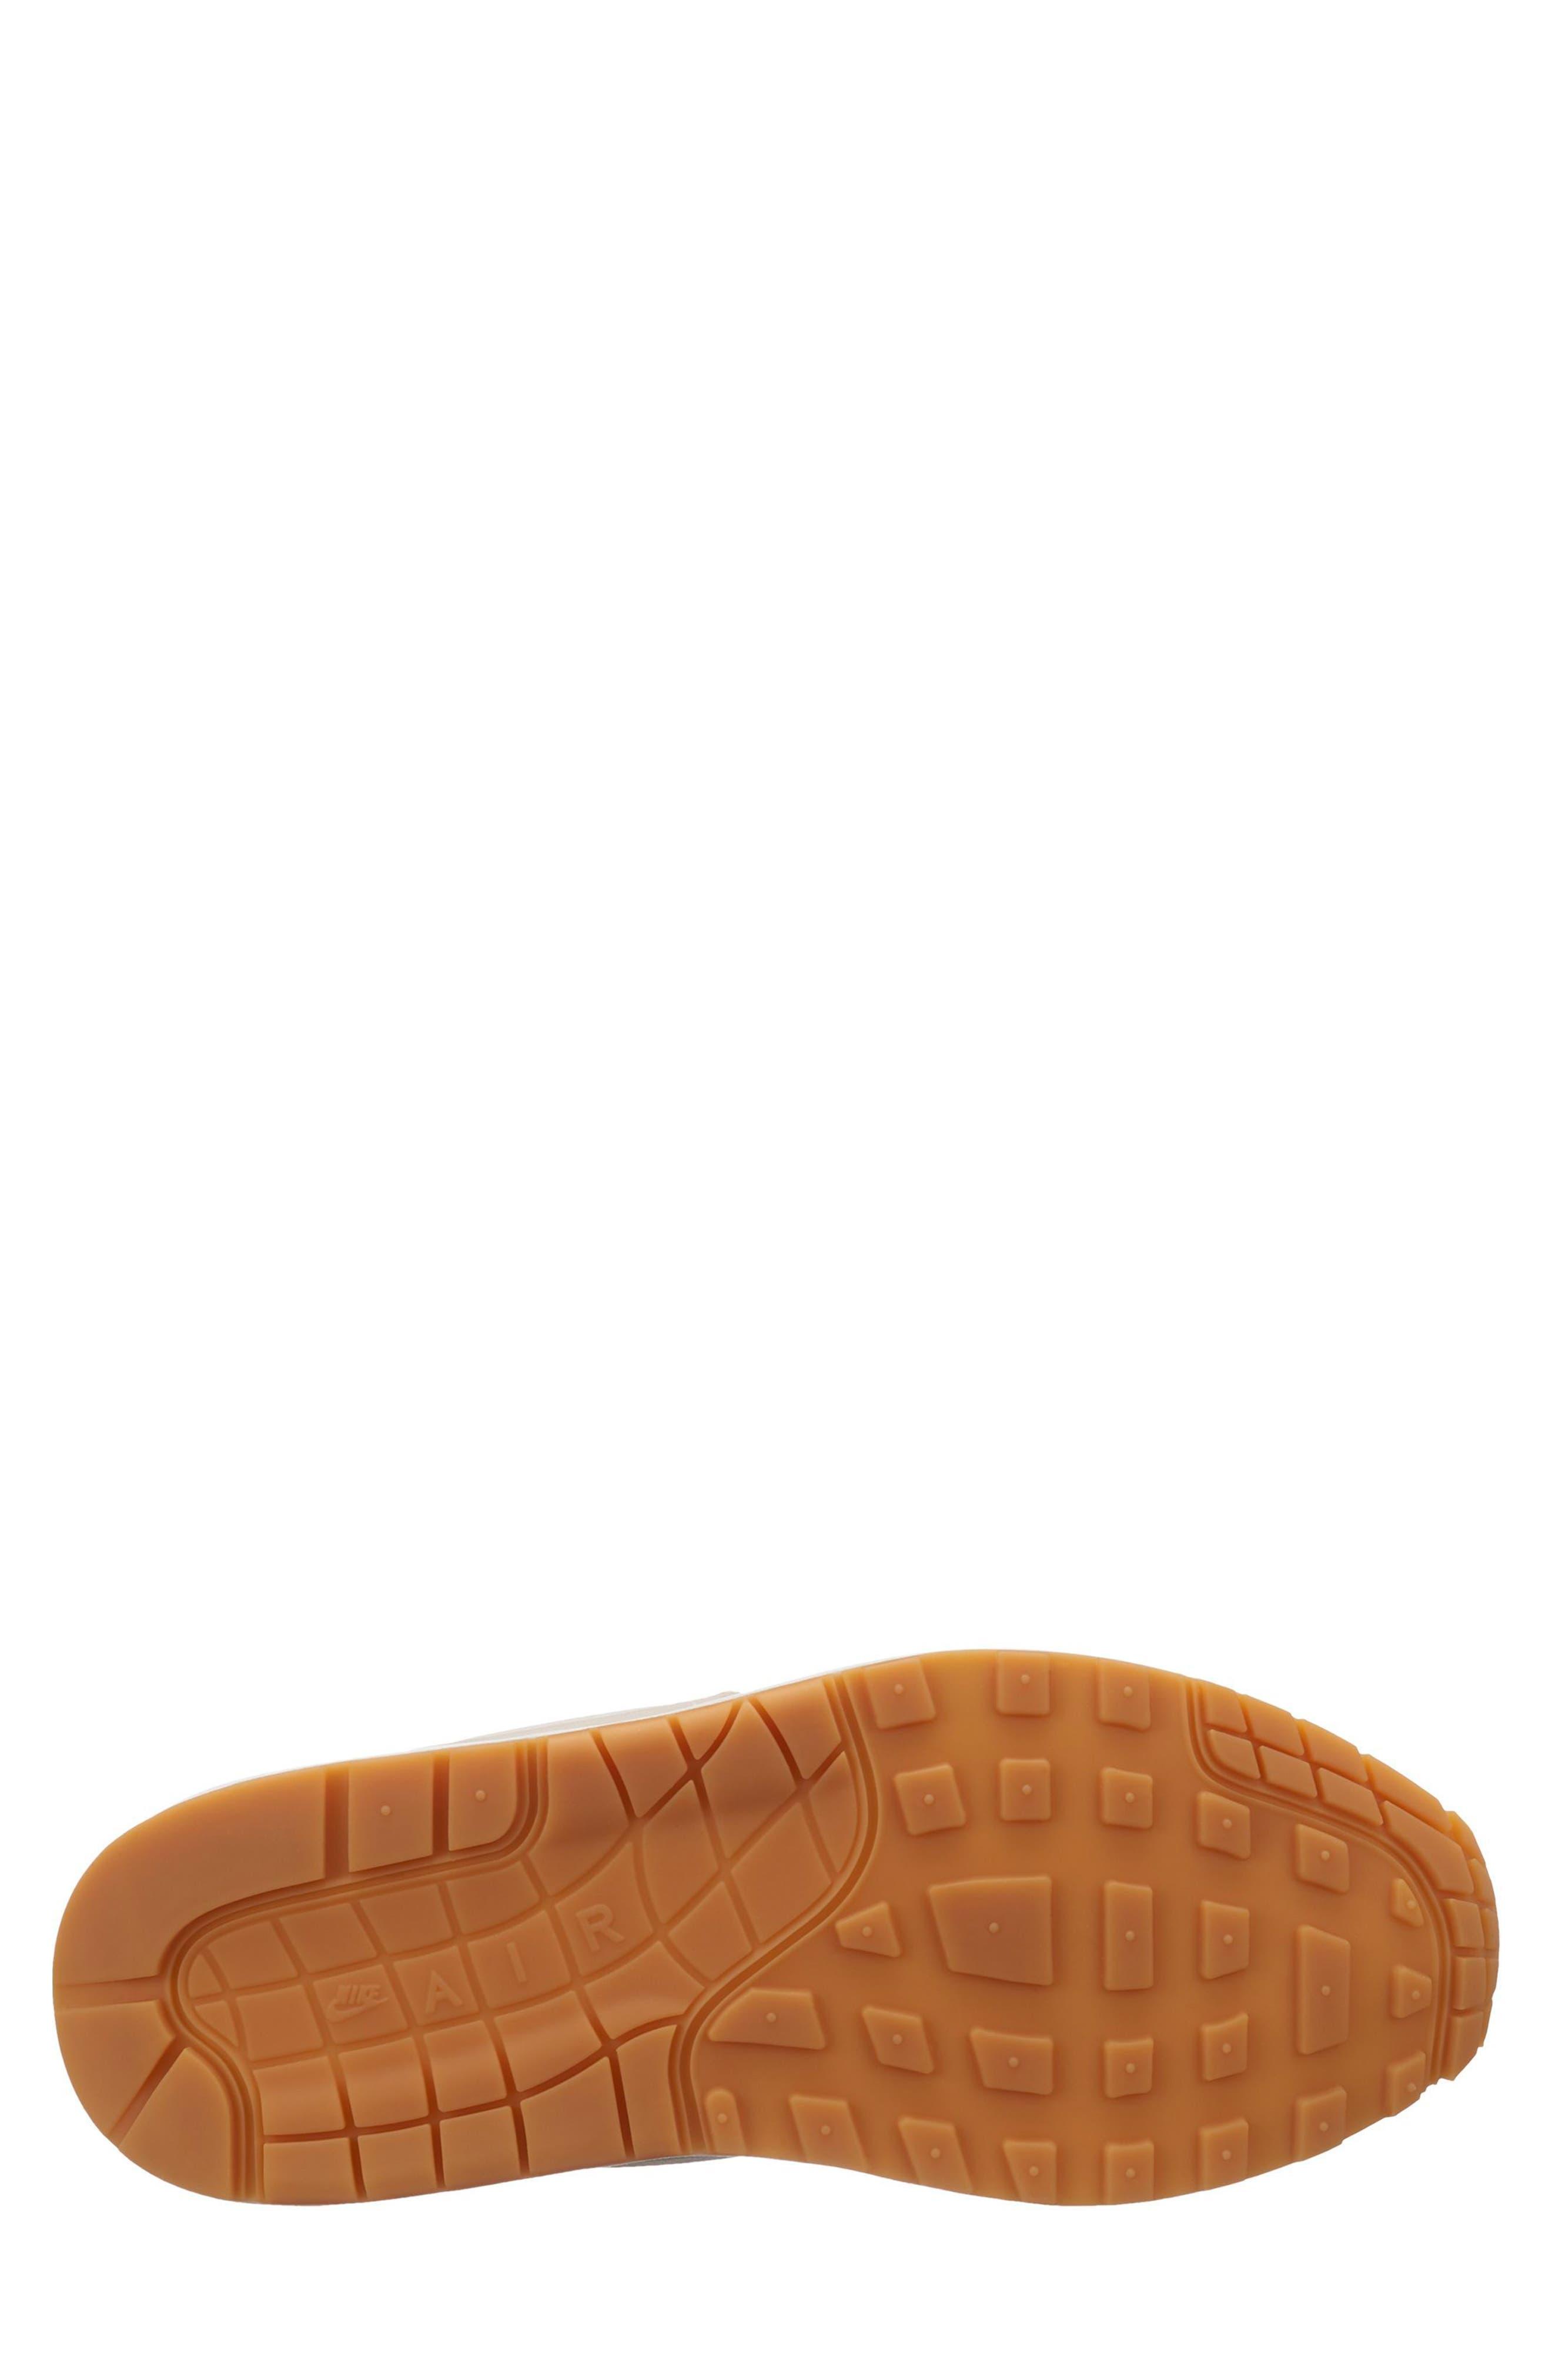 Air Max 1 Sneaker,                             Alternate thumbnail 7, color,                             DESERT SAND